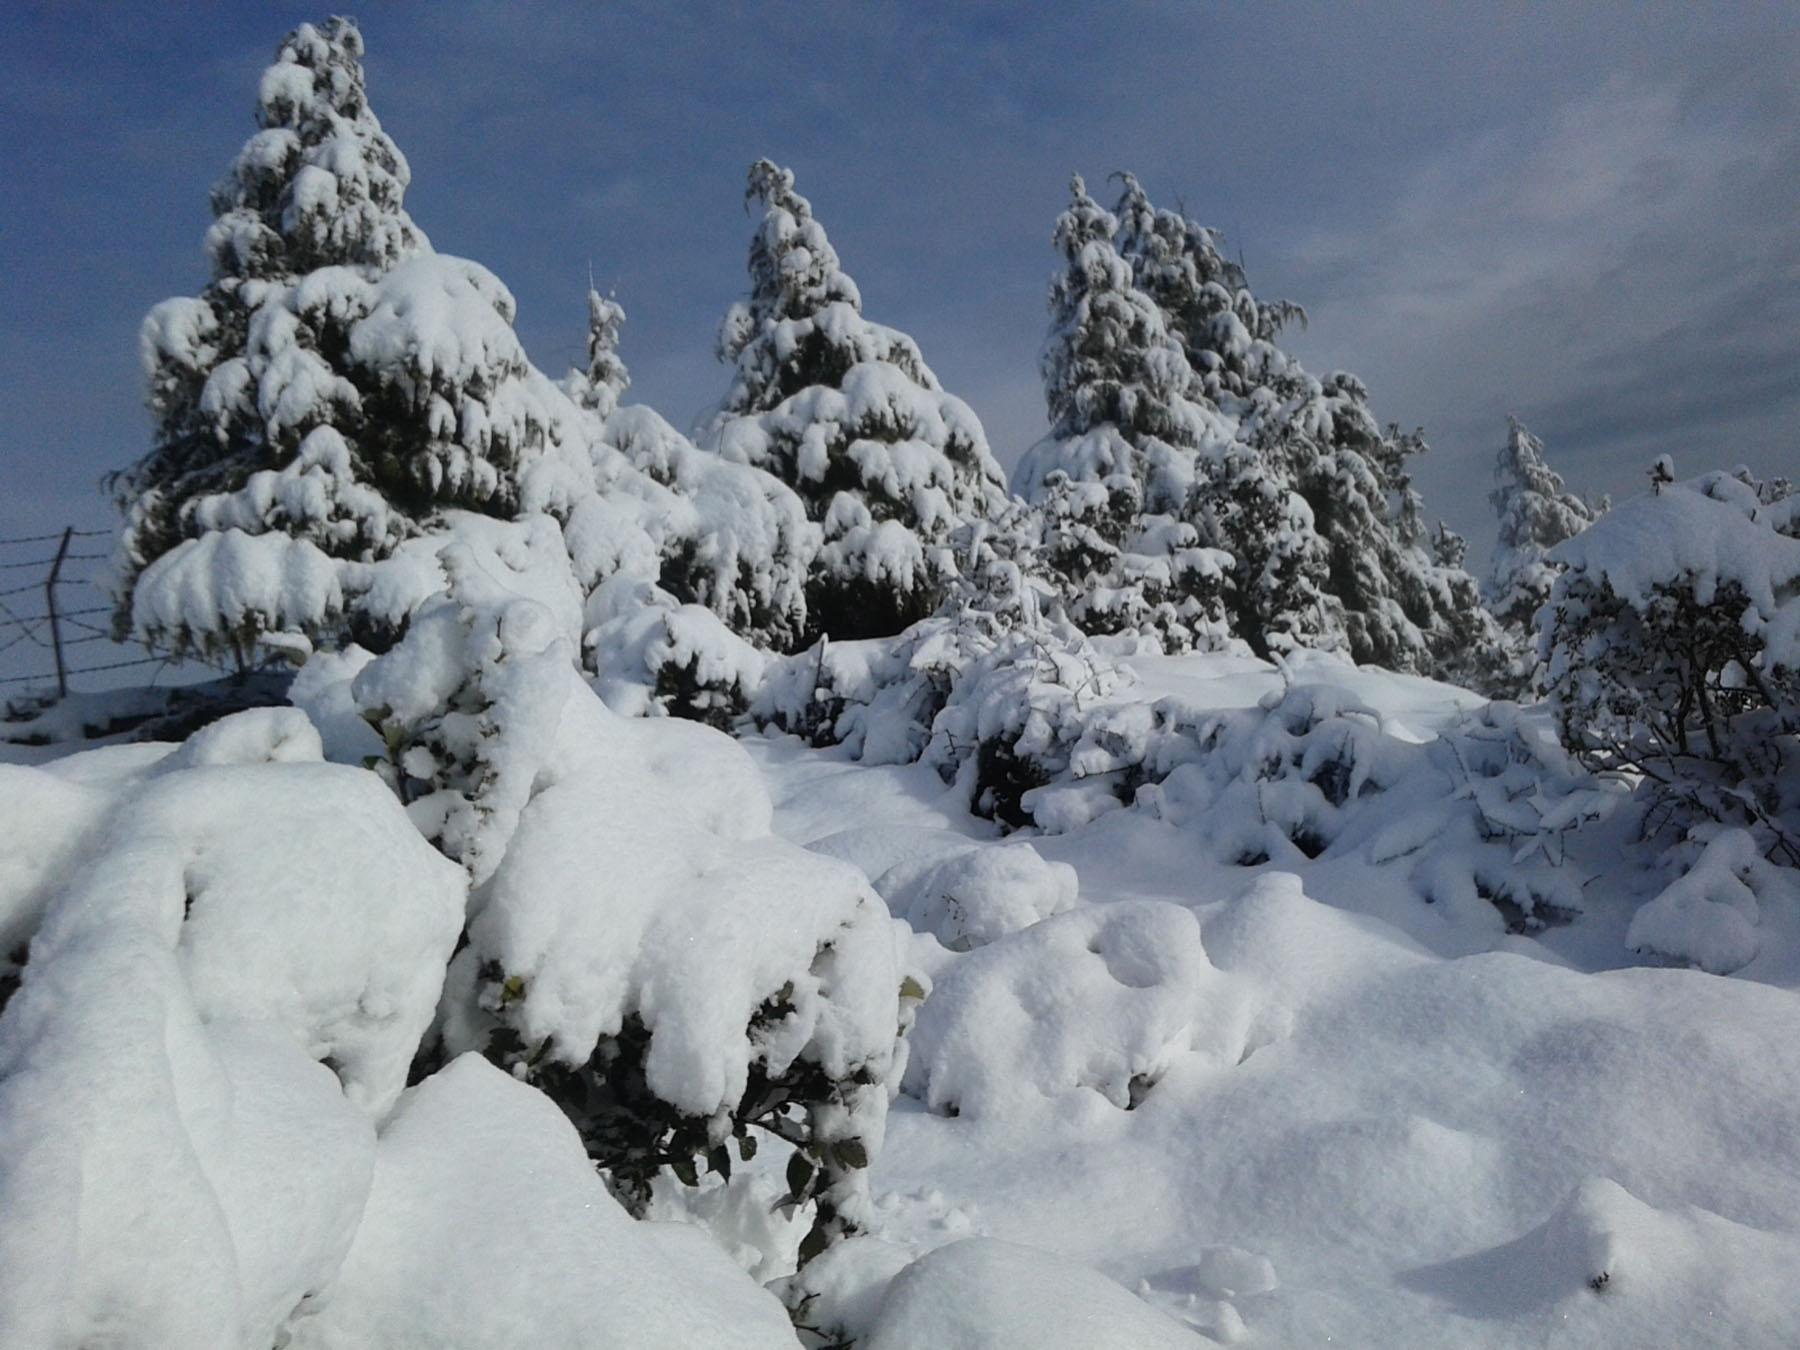 बैतडीको सतबाँझ क्षेत्रमा हिमपात